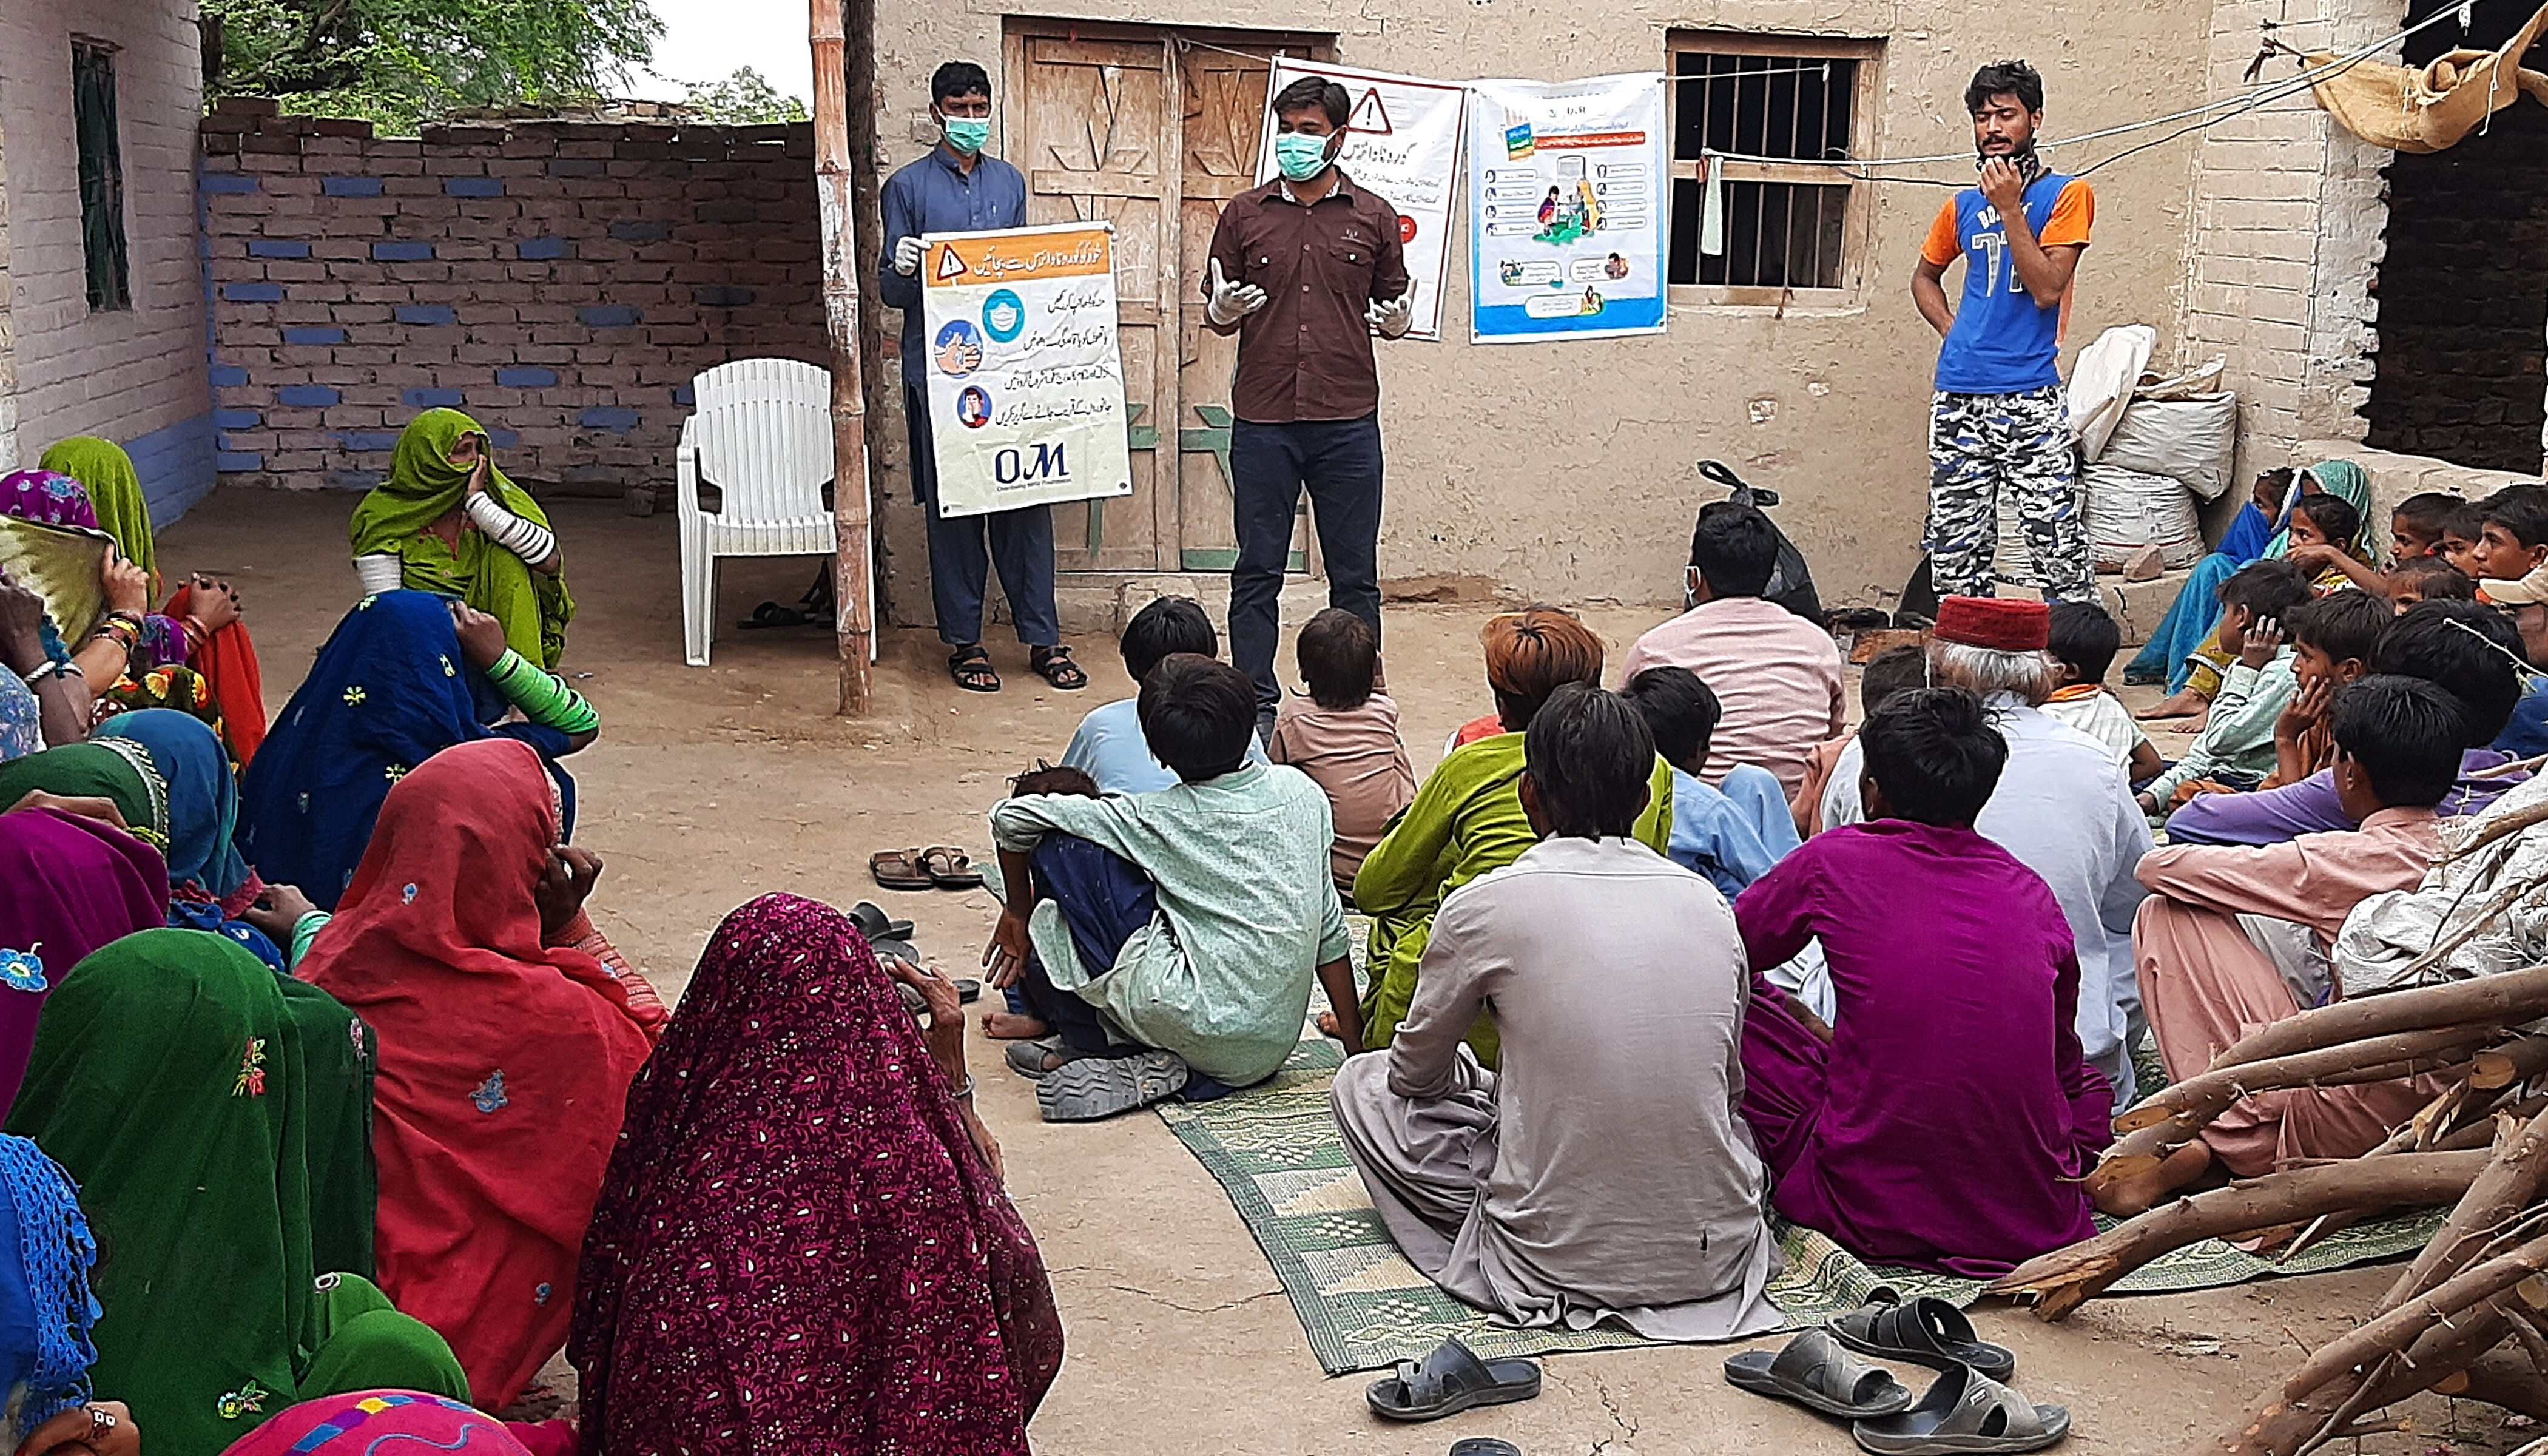 Das Bild zeigt OM-Mitarbeiter in Pakistan bei einer Aufklärung über den Umgang mit Covid19.